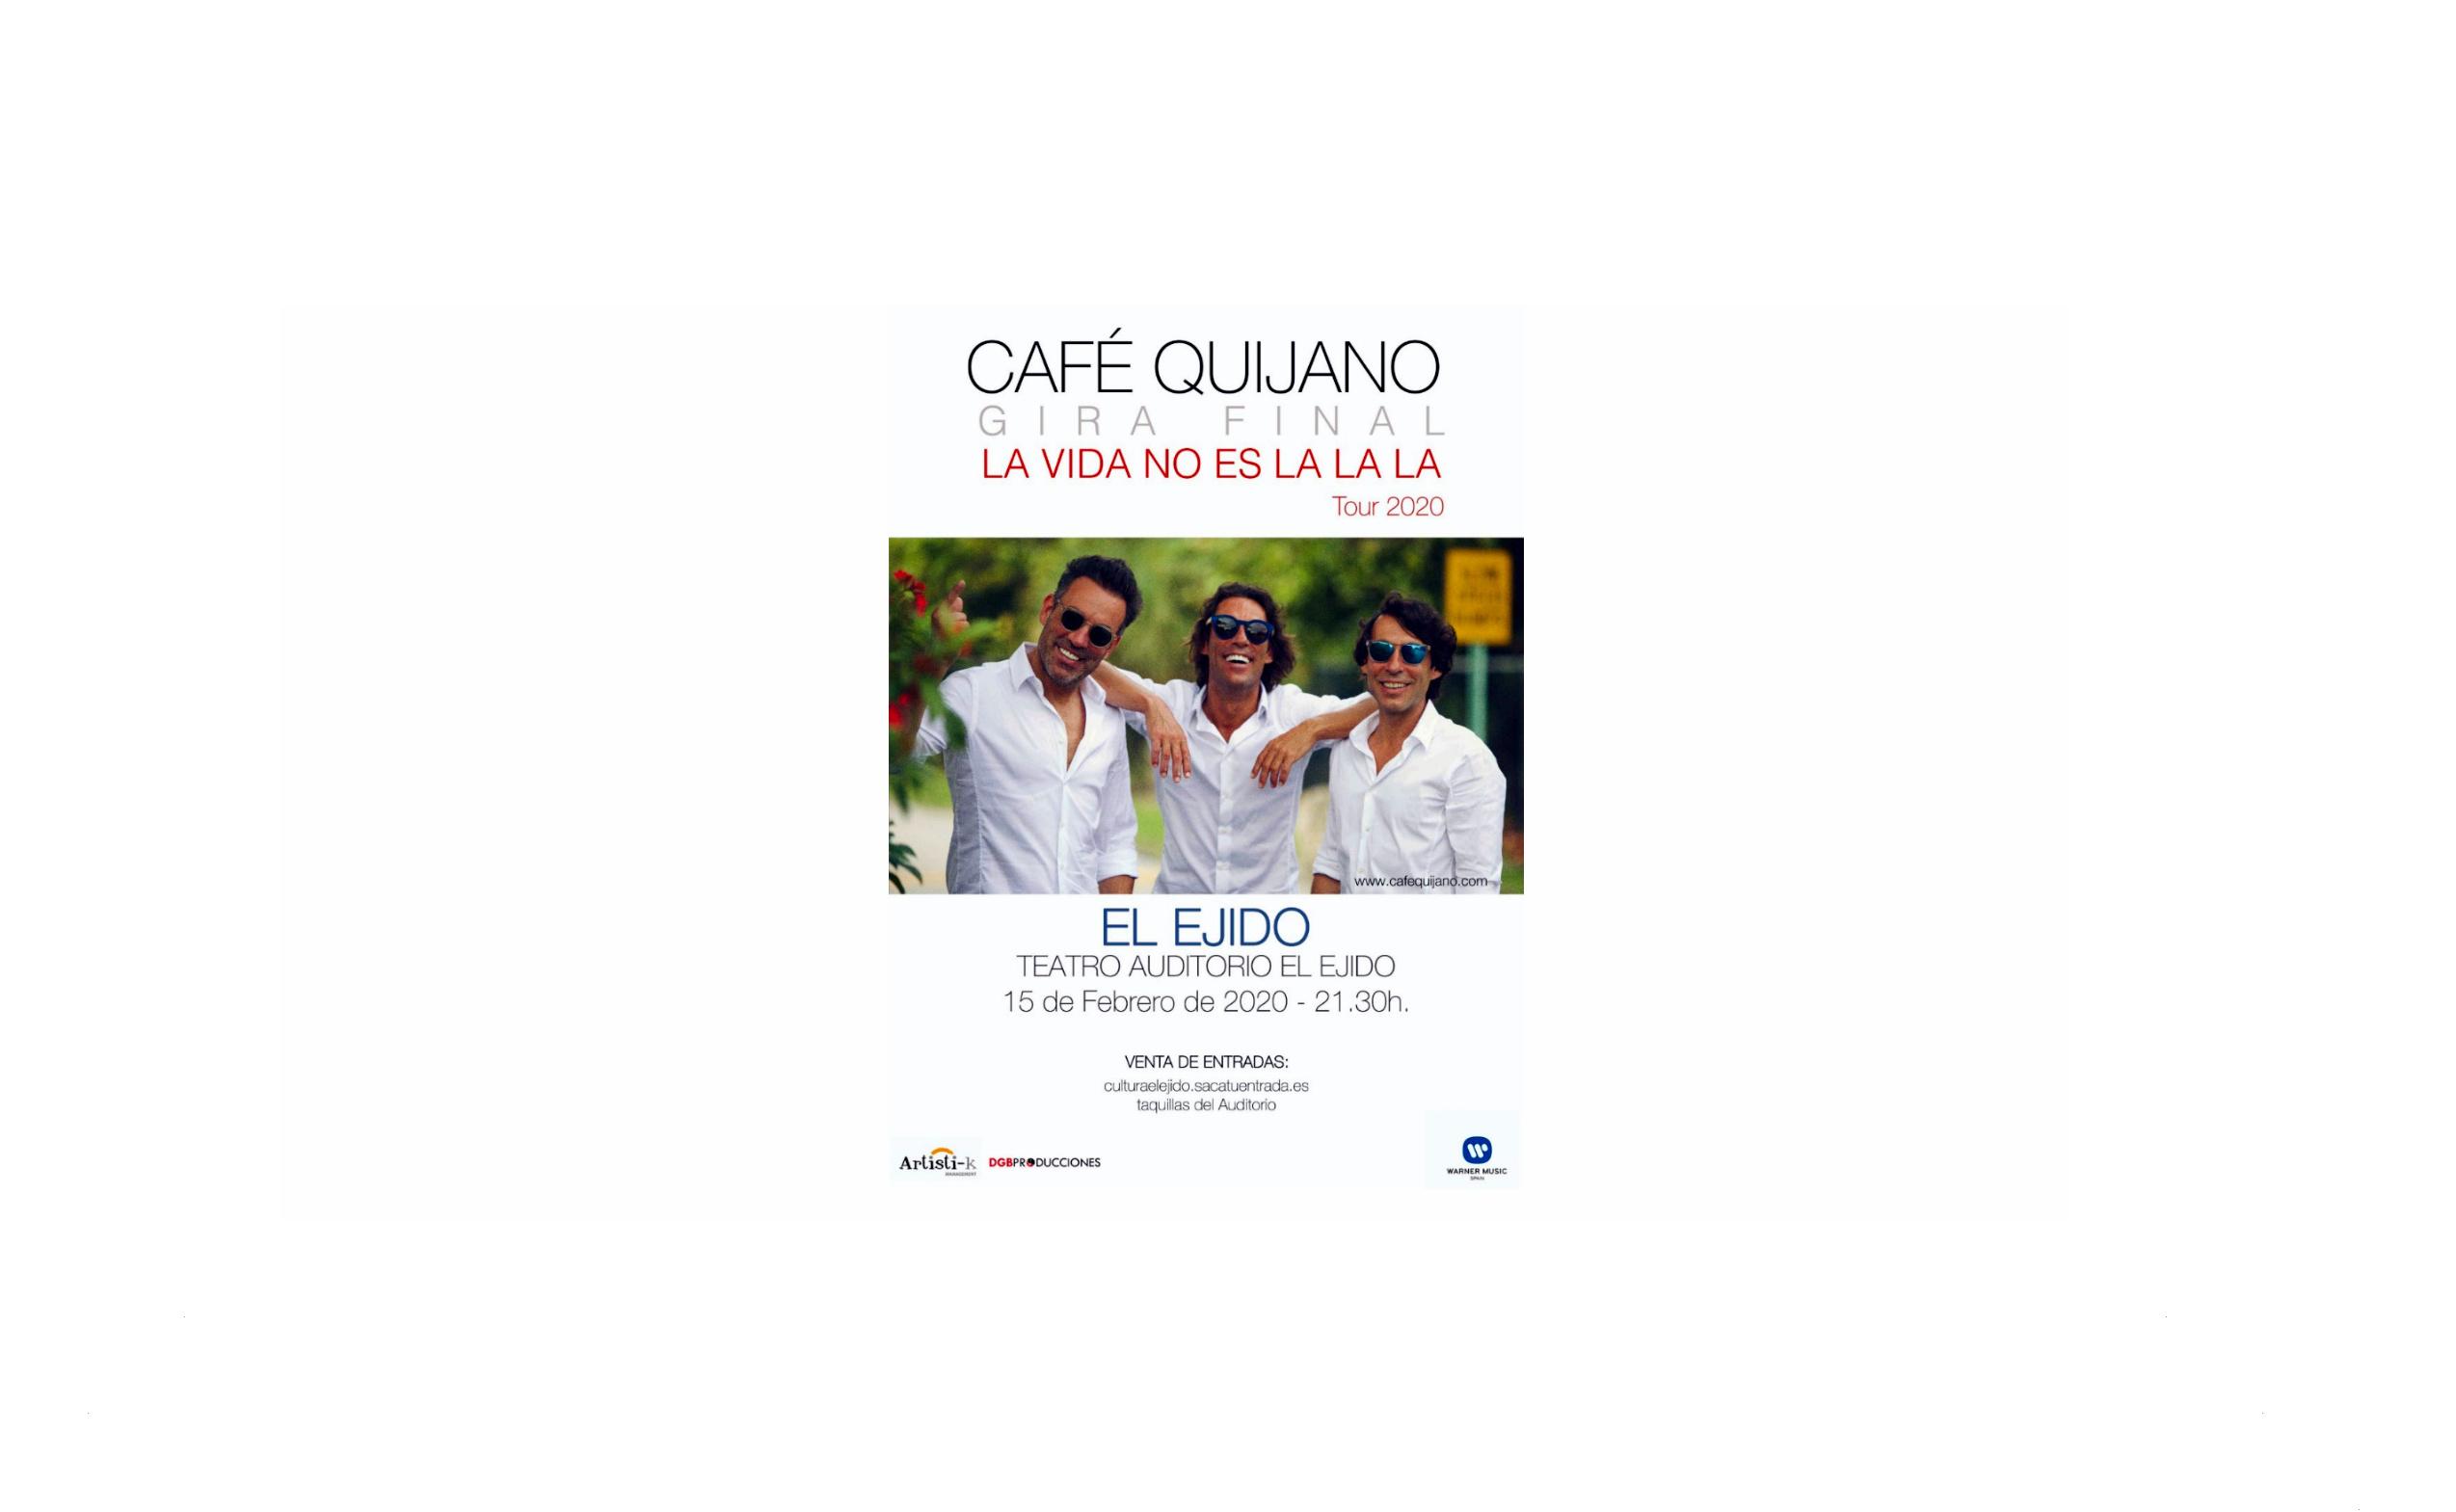 'Café Quijano' aterriza en el Auditorio de El Ejido con su gira 'La vida no es la la la' el próximo 15 de febrero